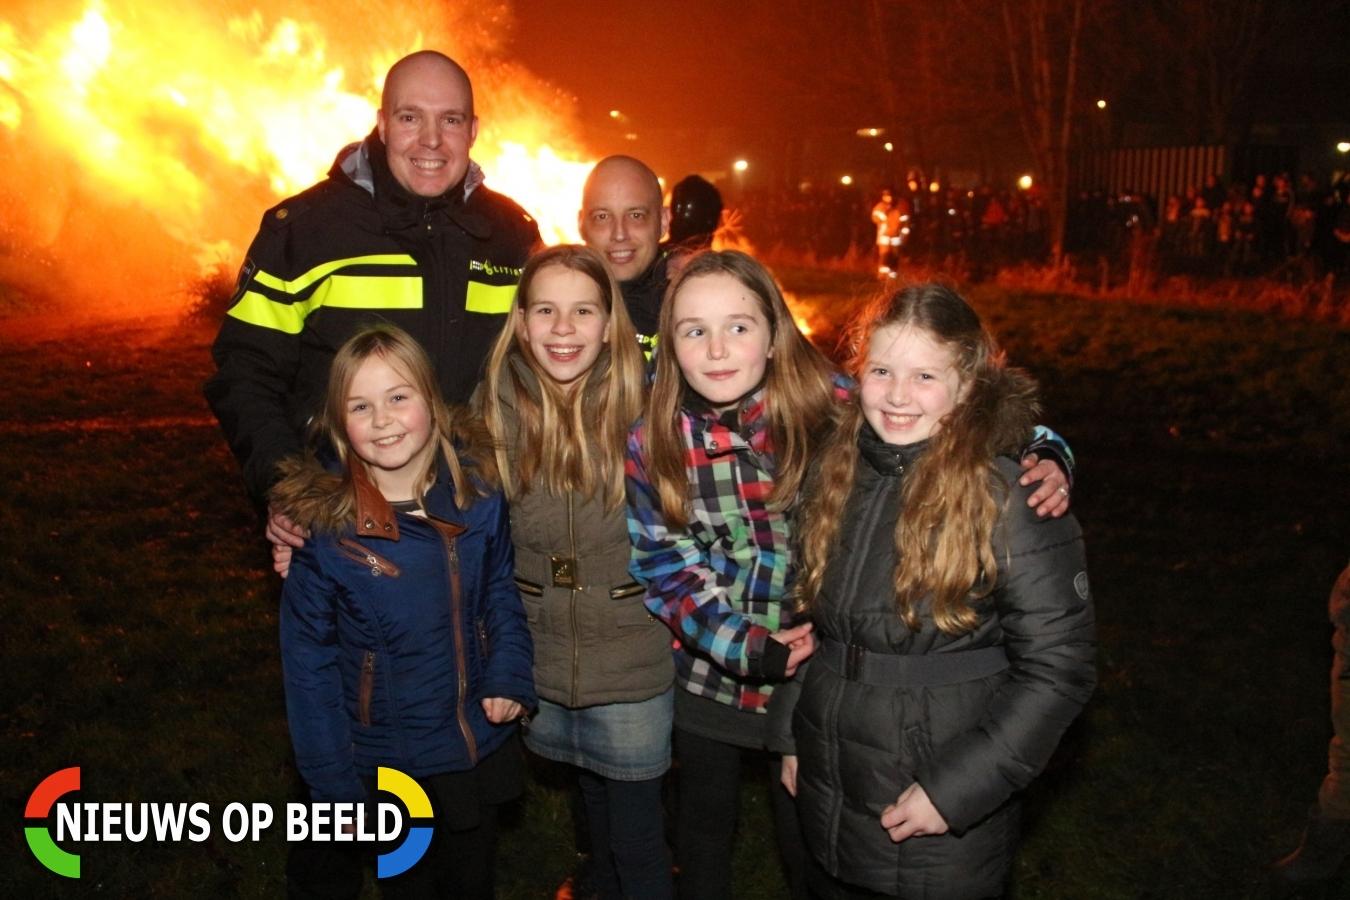 Kerstboomverbranding Krimpen aan den IJssel